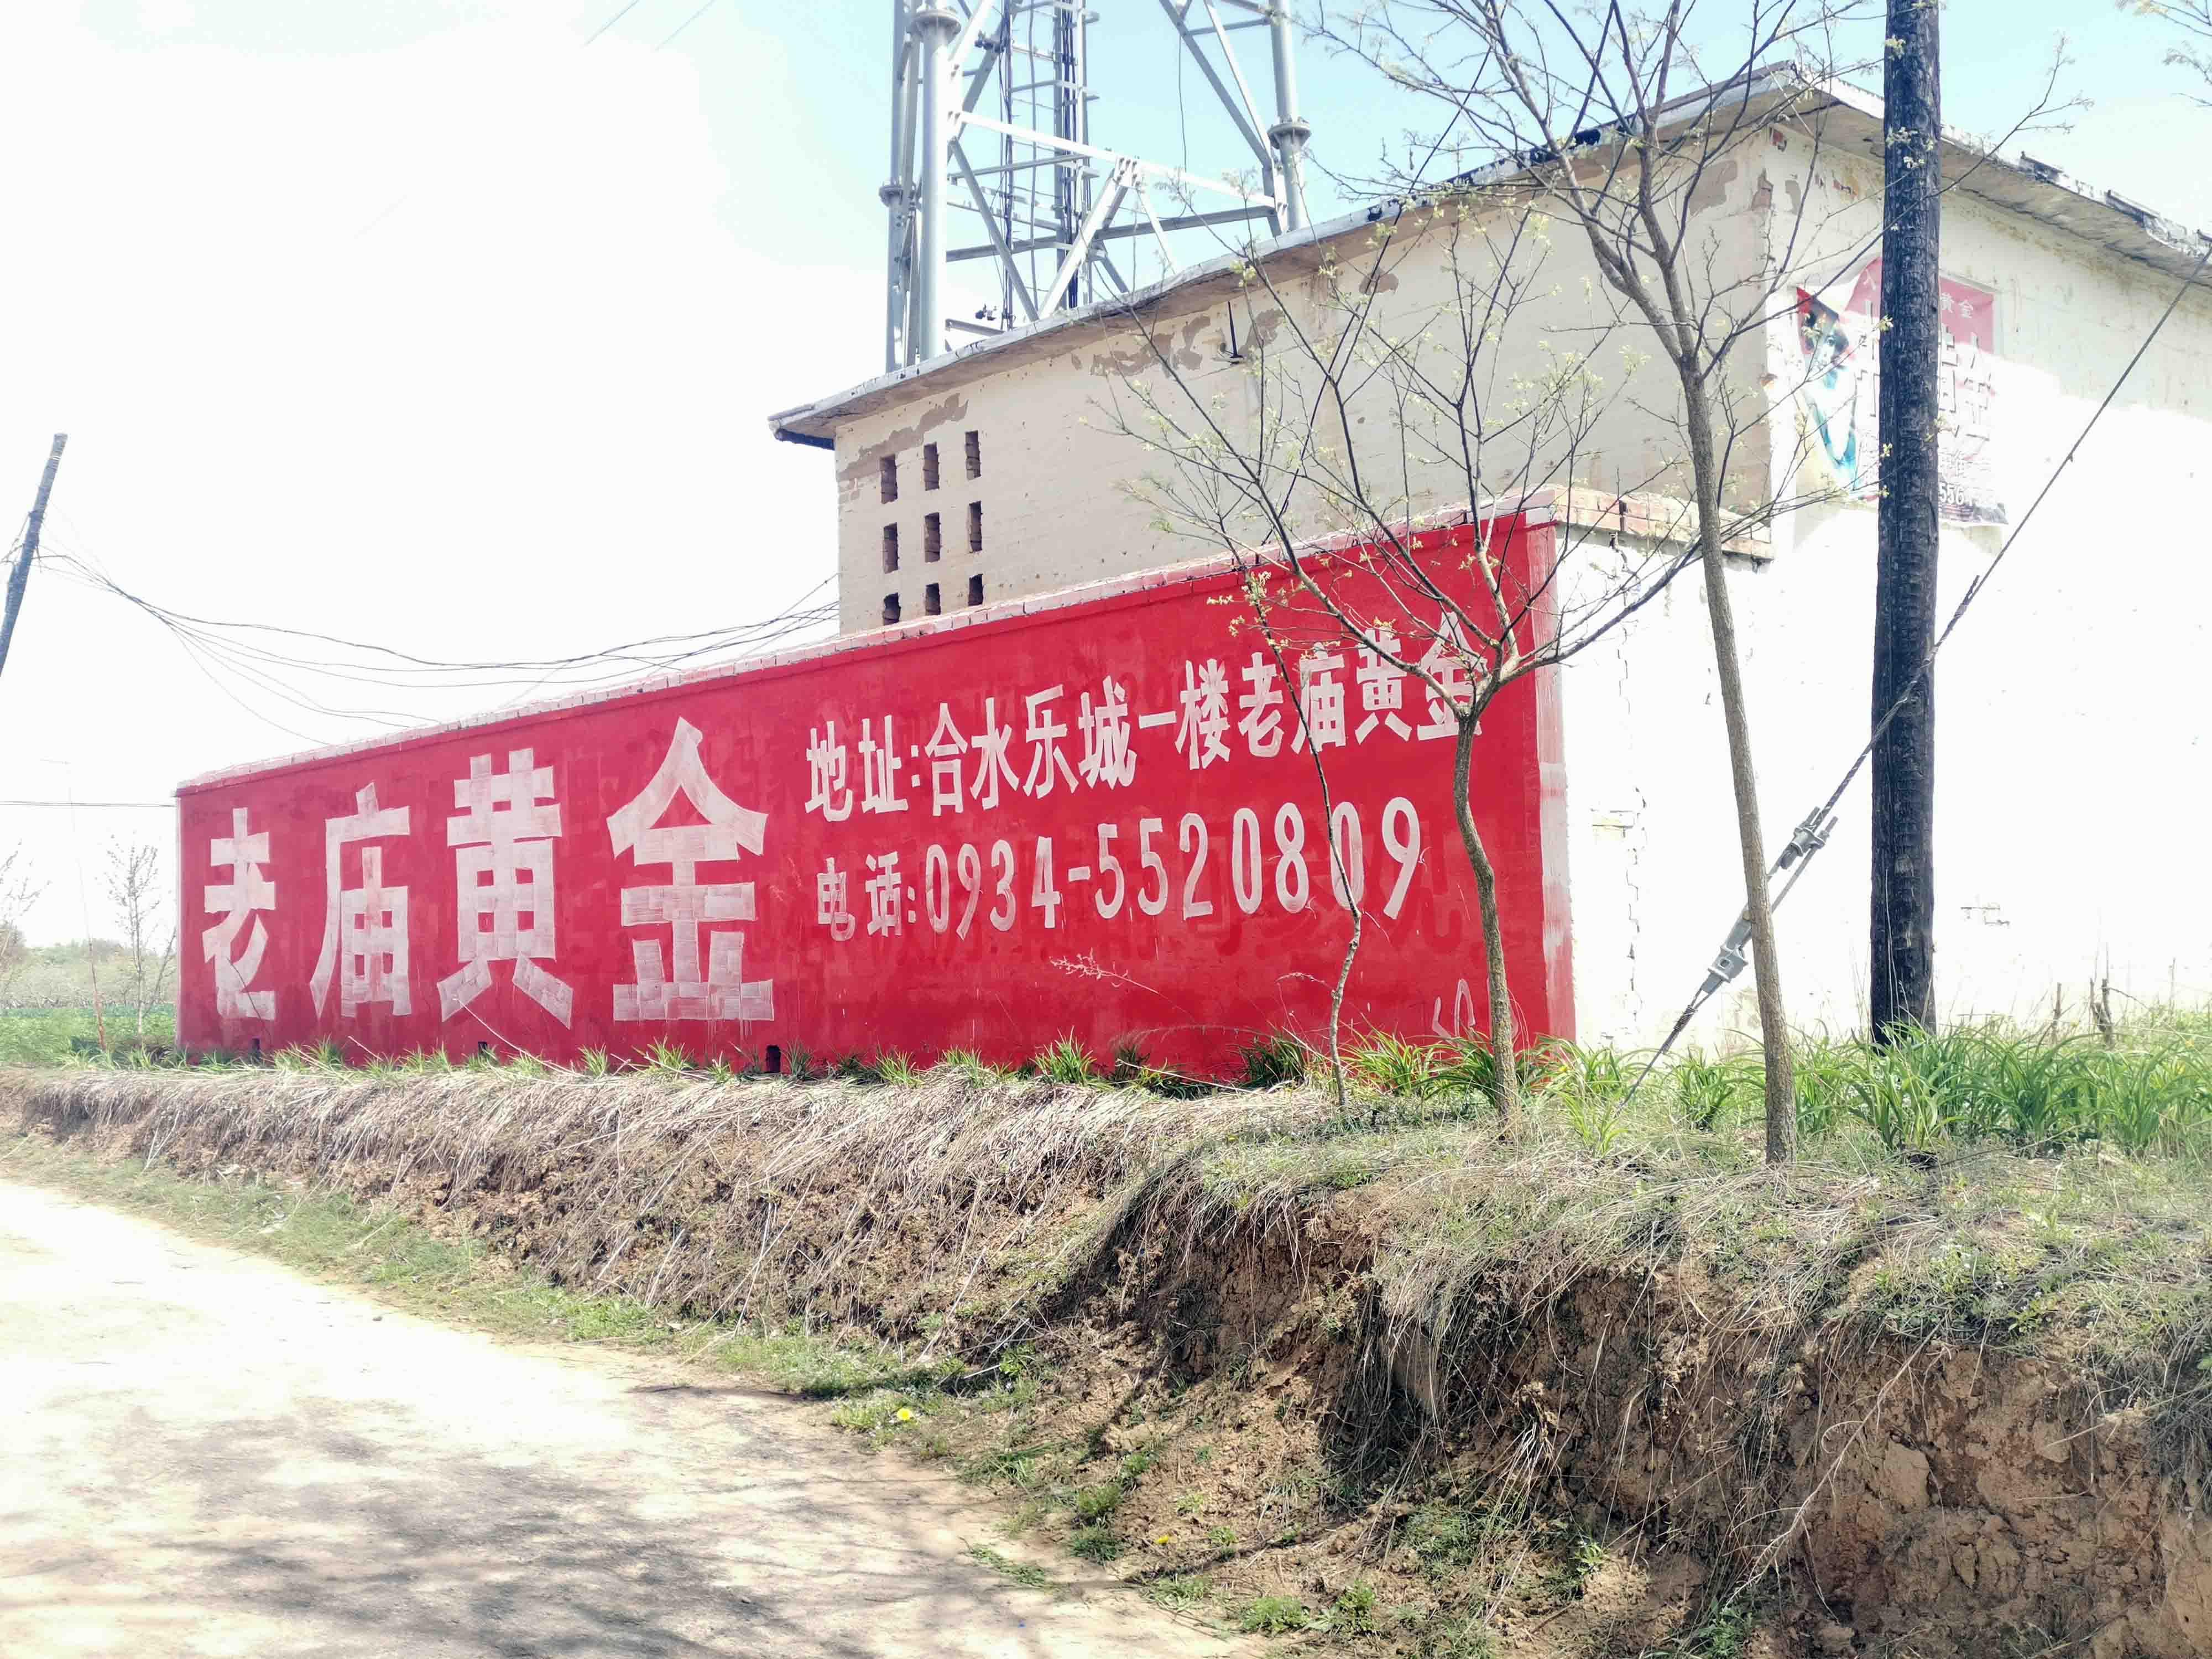 蒲城机械墙体广告 化肥墙体广告 亿达墙体广告